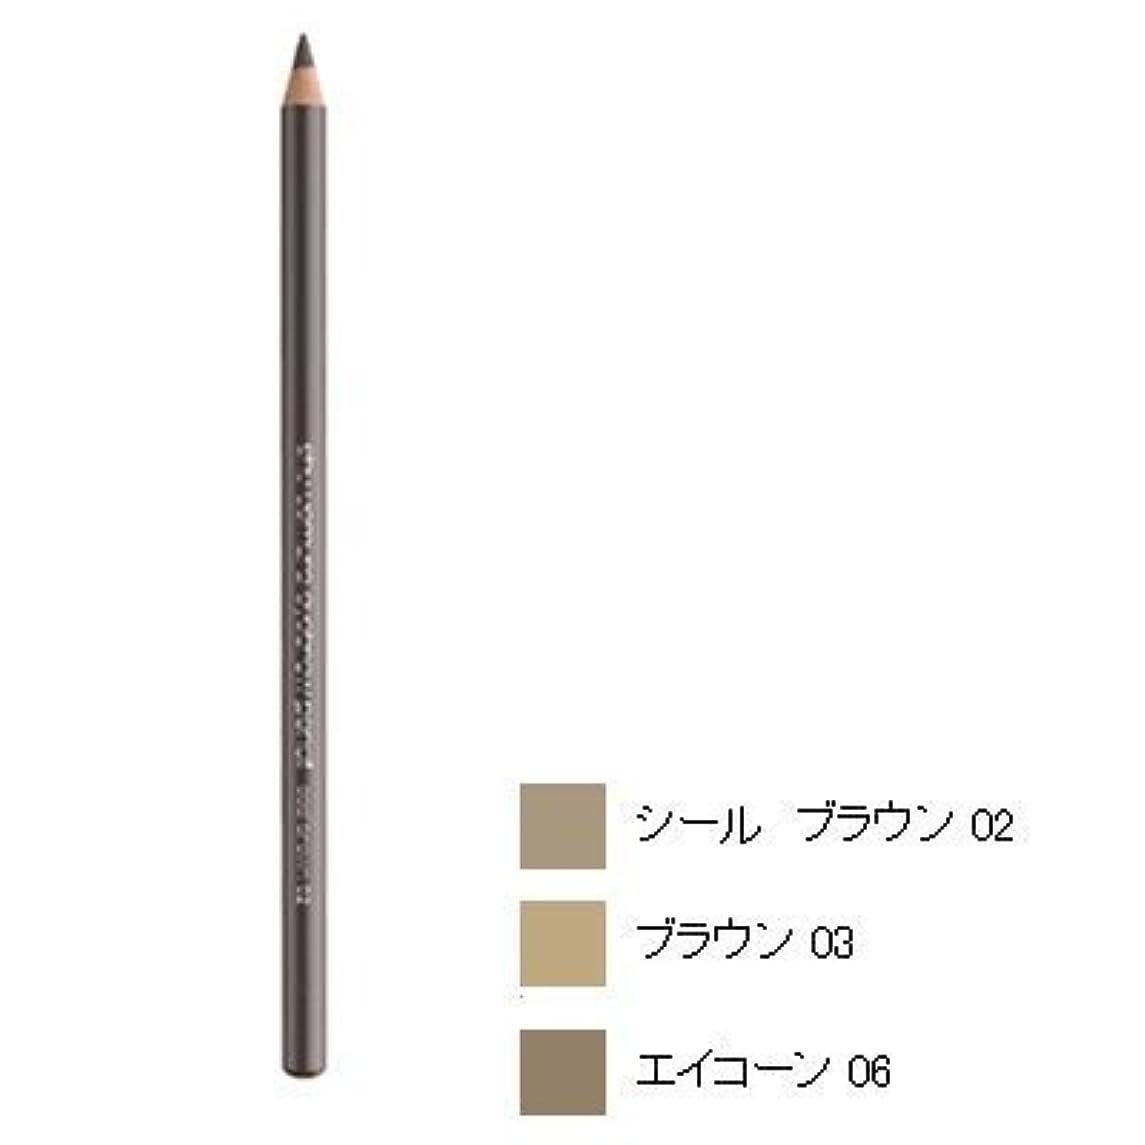 趣味電圧観察するシュウ ウエムラ(shu uemura) ハード フォーミュラ ハード9 # 03 ブラウン 4g[並行輸入品]